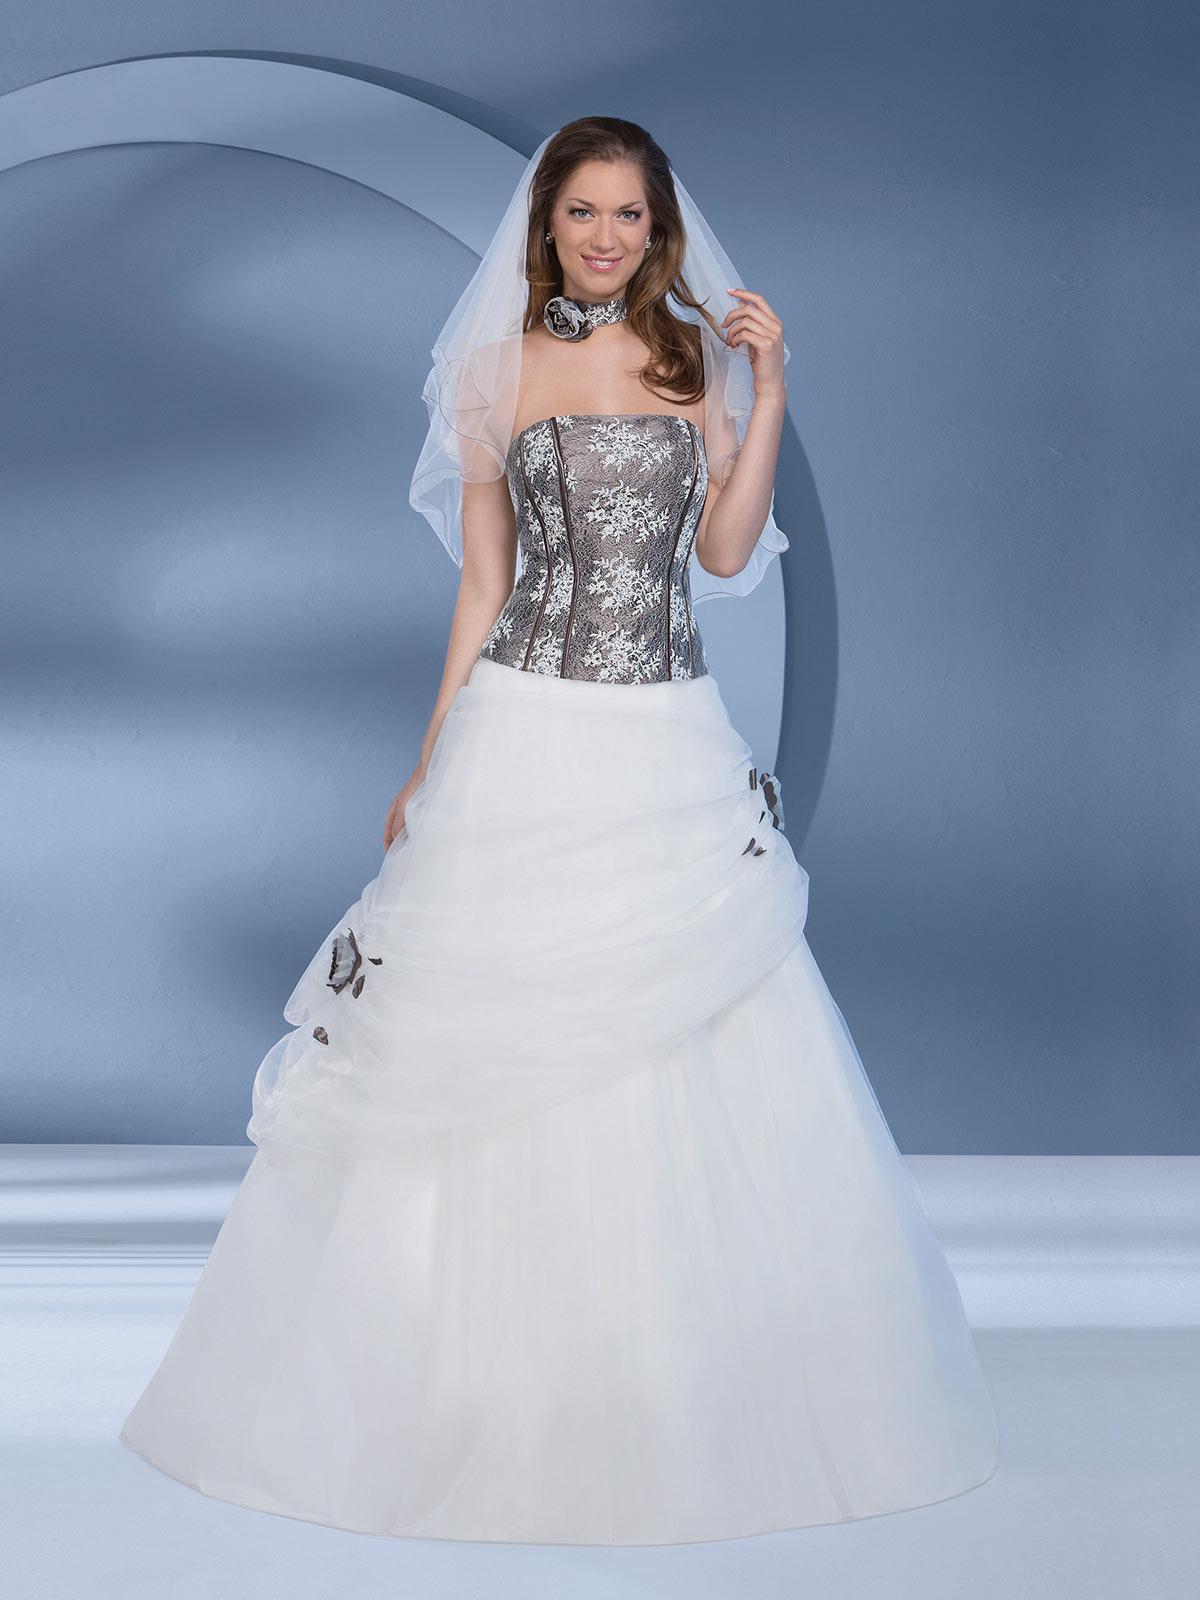 Brautkleid 13496 Doreen von Kleemeier auf Jade